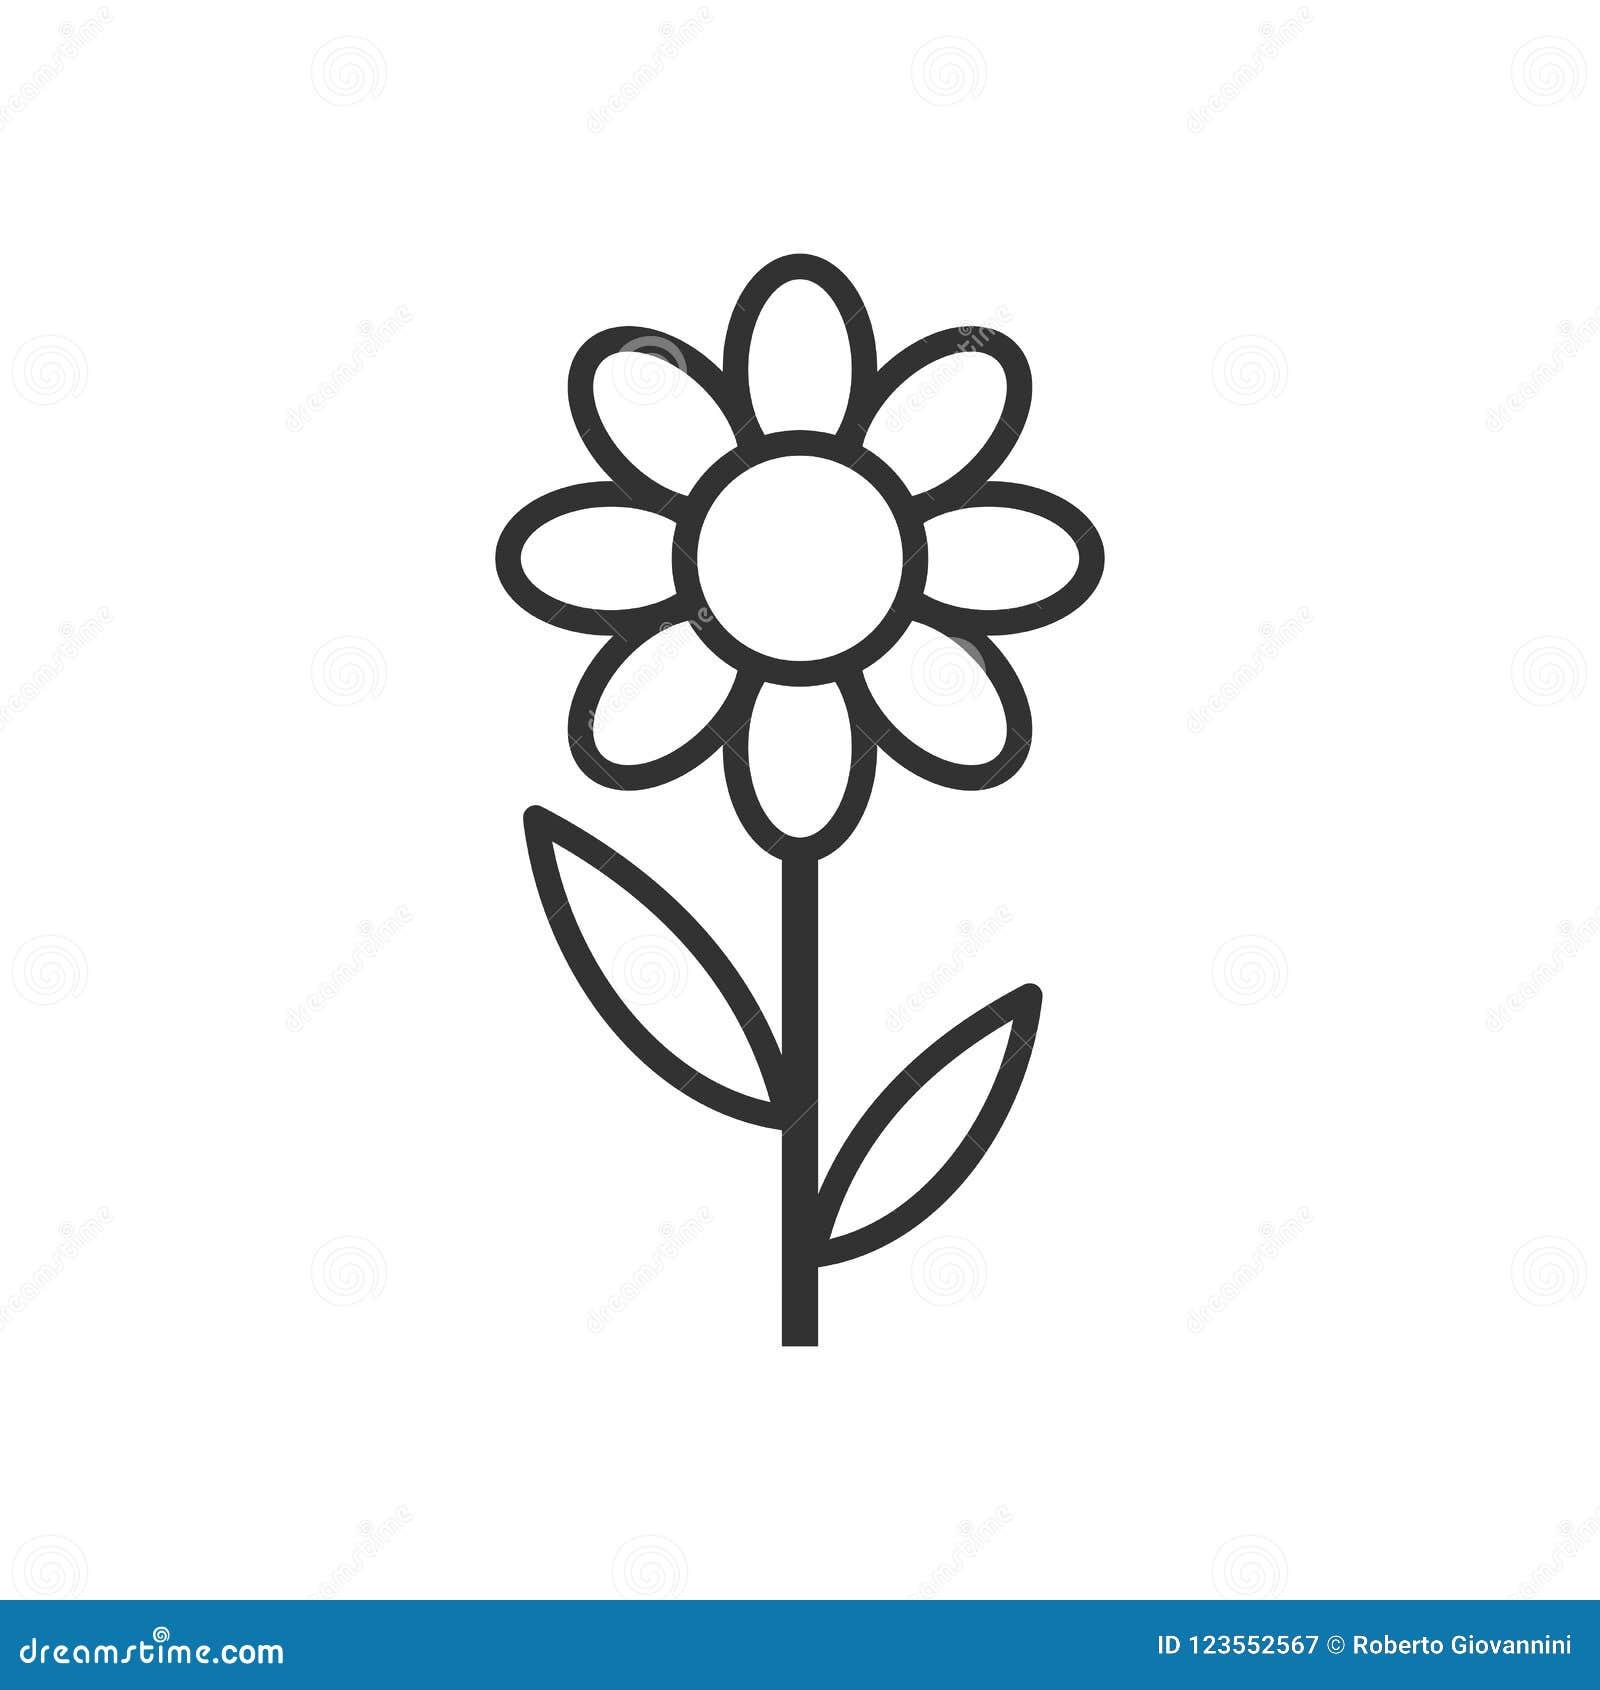 Daisy Flower Outline Flat Icon en blanco